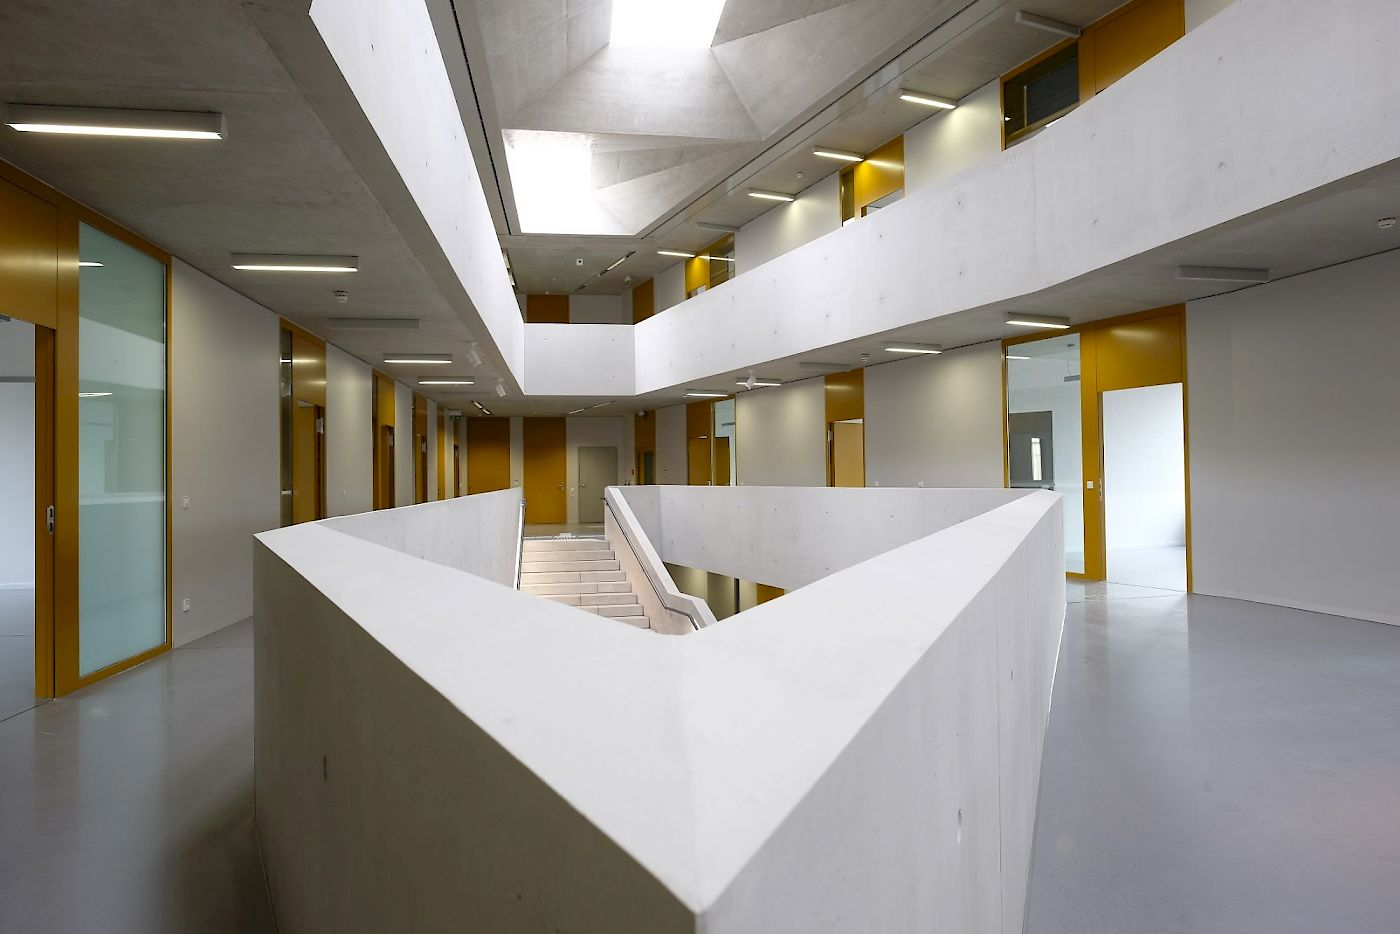 ww_Bildung_Architekturfakultaet_Universitaet_Kassel_Copyright_offen_4c_1400_4